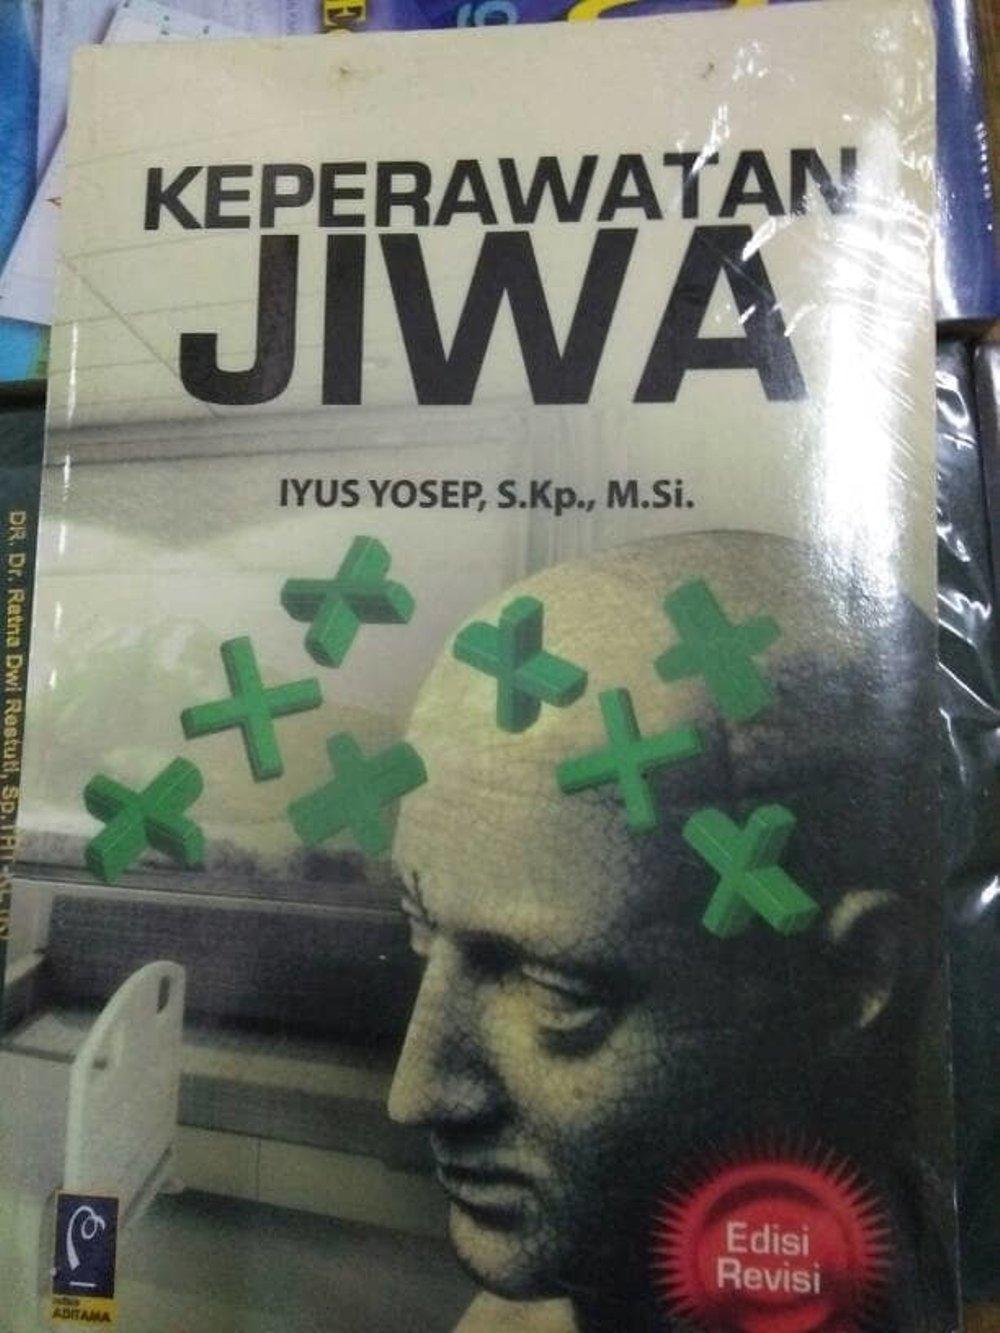 Buku Keperawatan Jiwa (Edisi Revisi) - Iyus Yosep